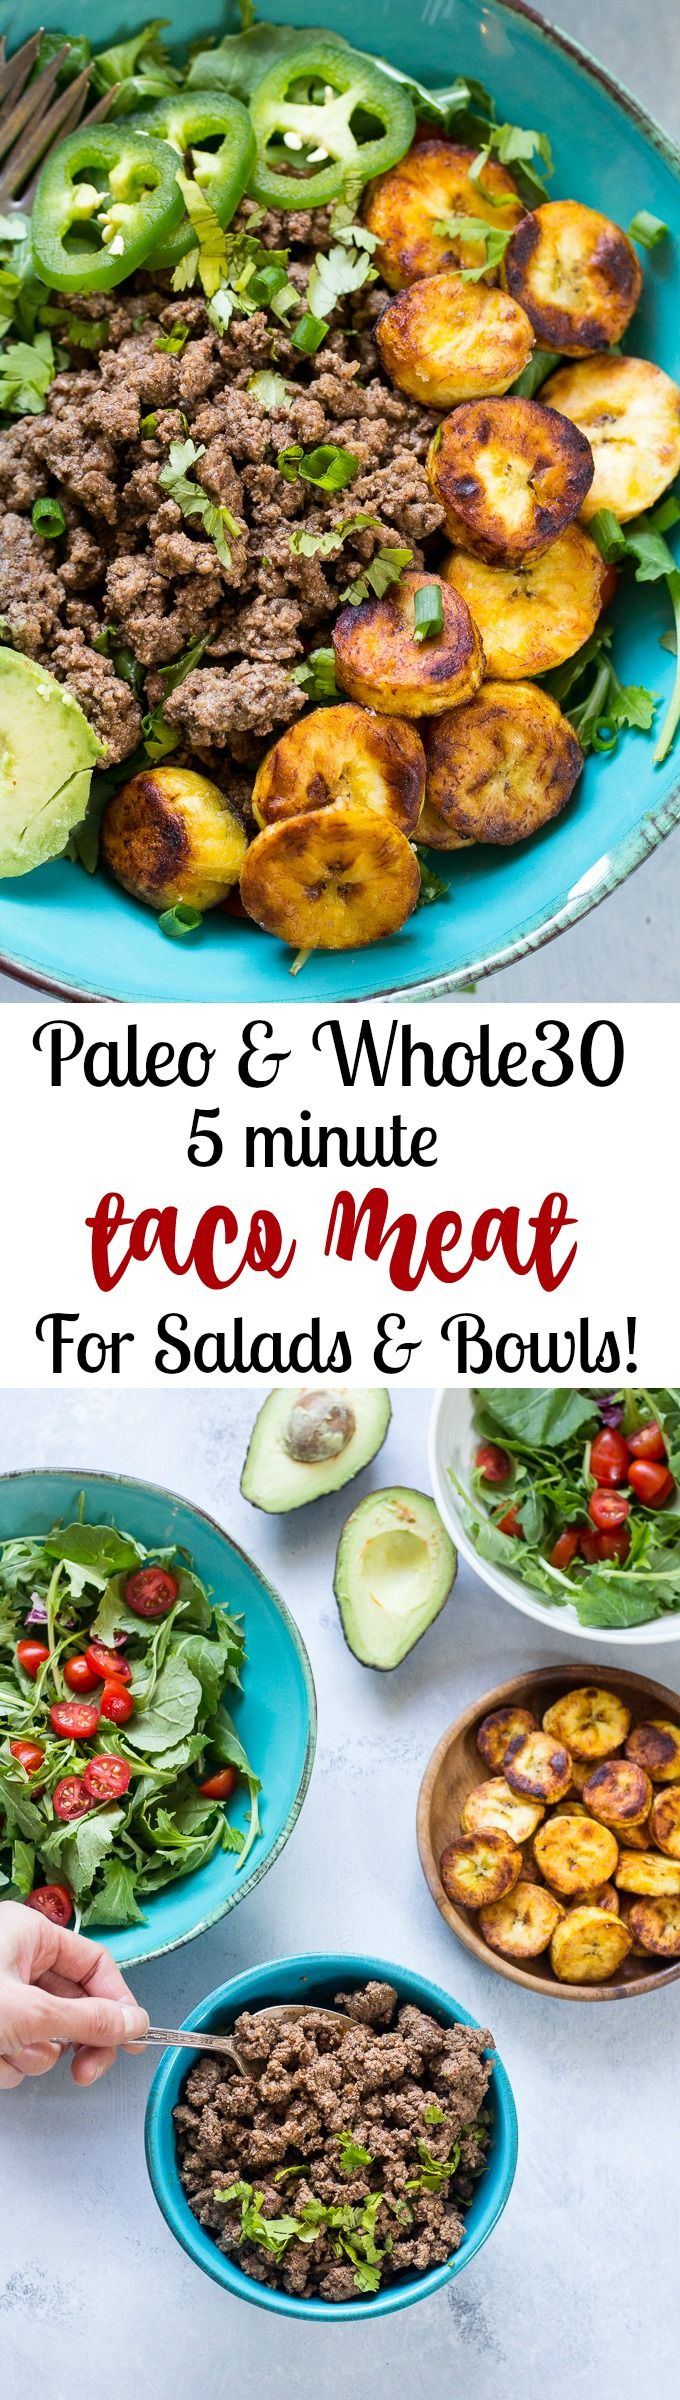 Fácil 5 minutos carne Paleo taco que es perfecto para ensaladas rápidas taco, cuencos, o envolturas.  Whole30 agradable y muy bien para las familias ocupadas para cenas entre semana!  Funciona muy bien para hacer antes de tiempo durante la preparación de la comida también.